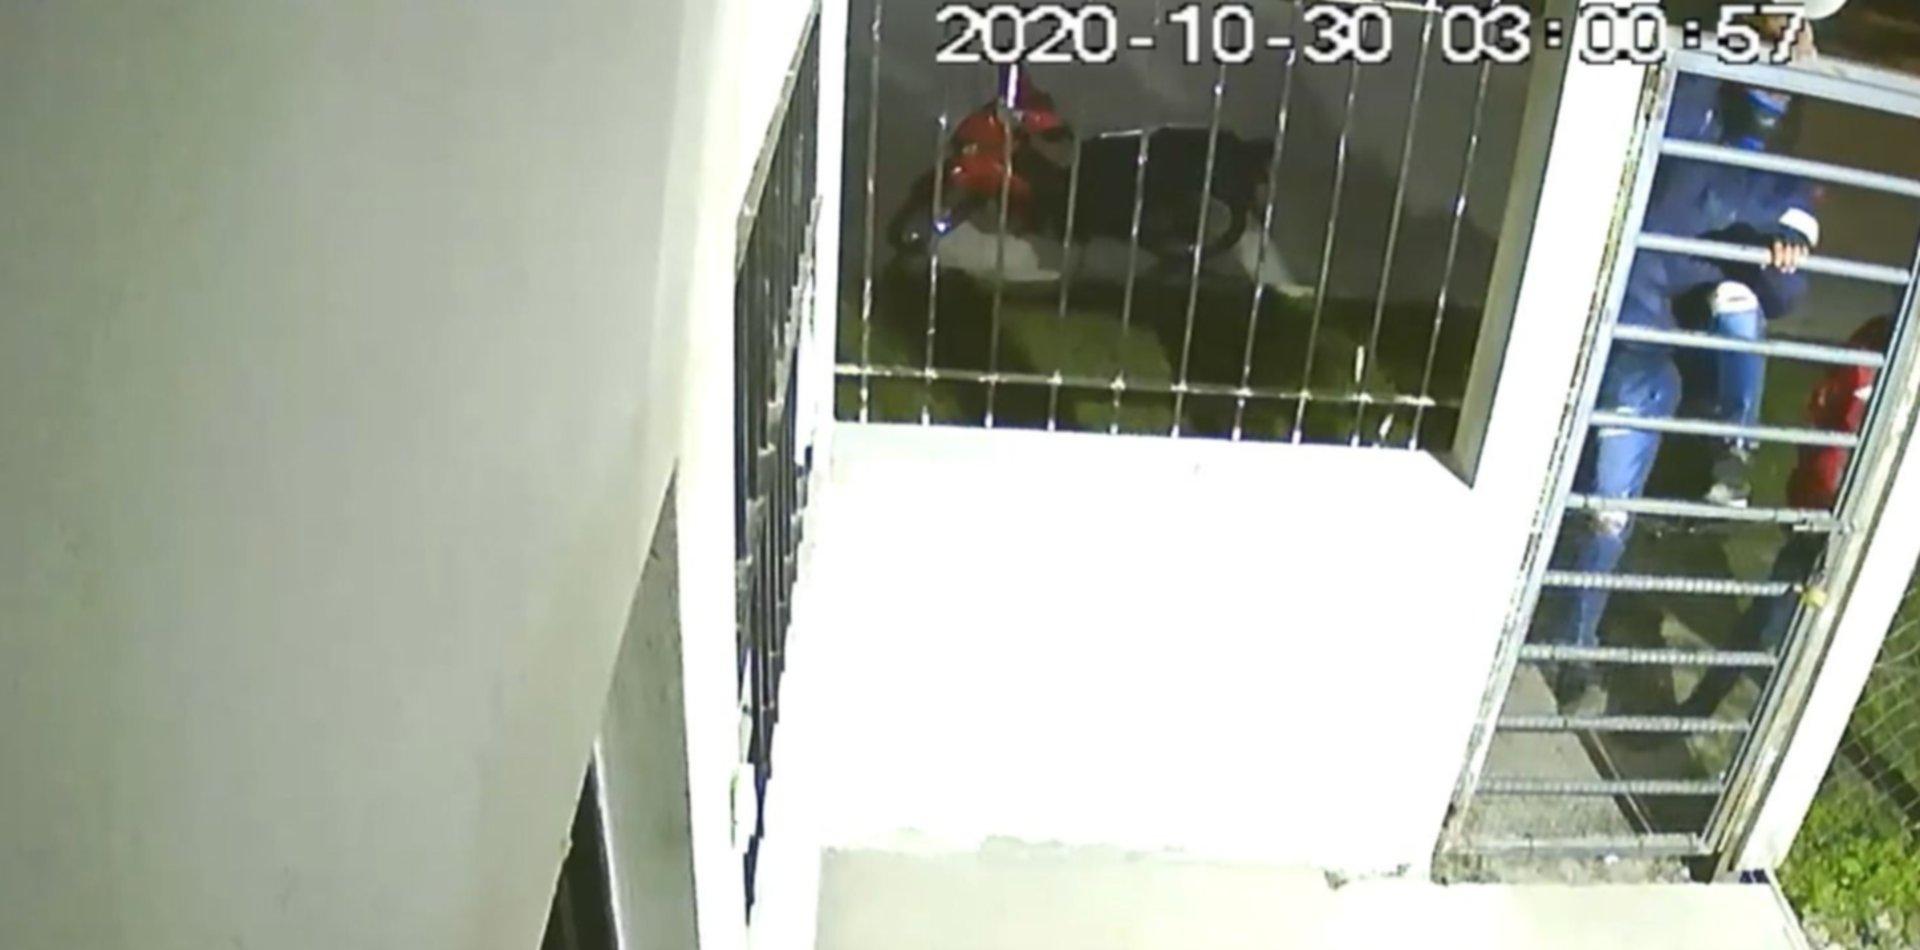 VIDEO: Dos ladrones saltaron el portón de una casa para entrar a robar y quedaron filmados